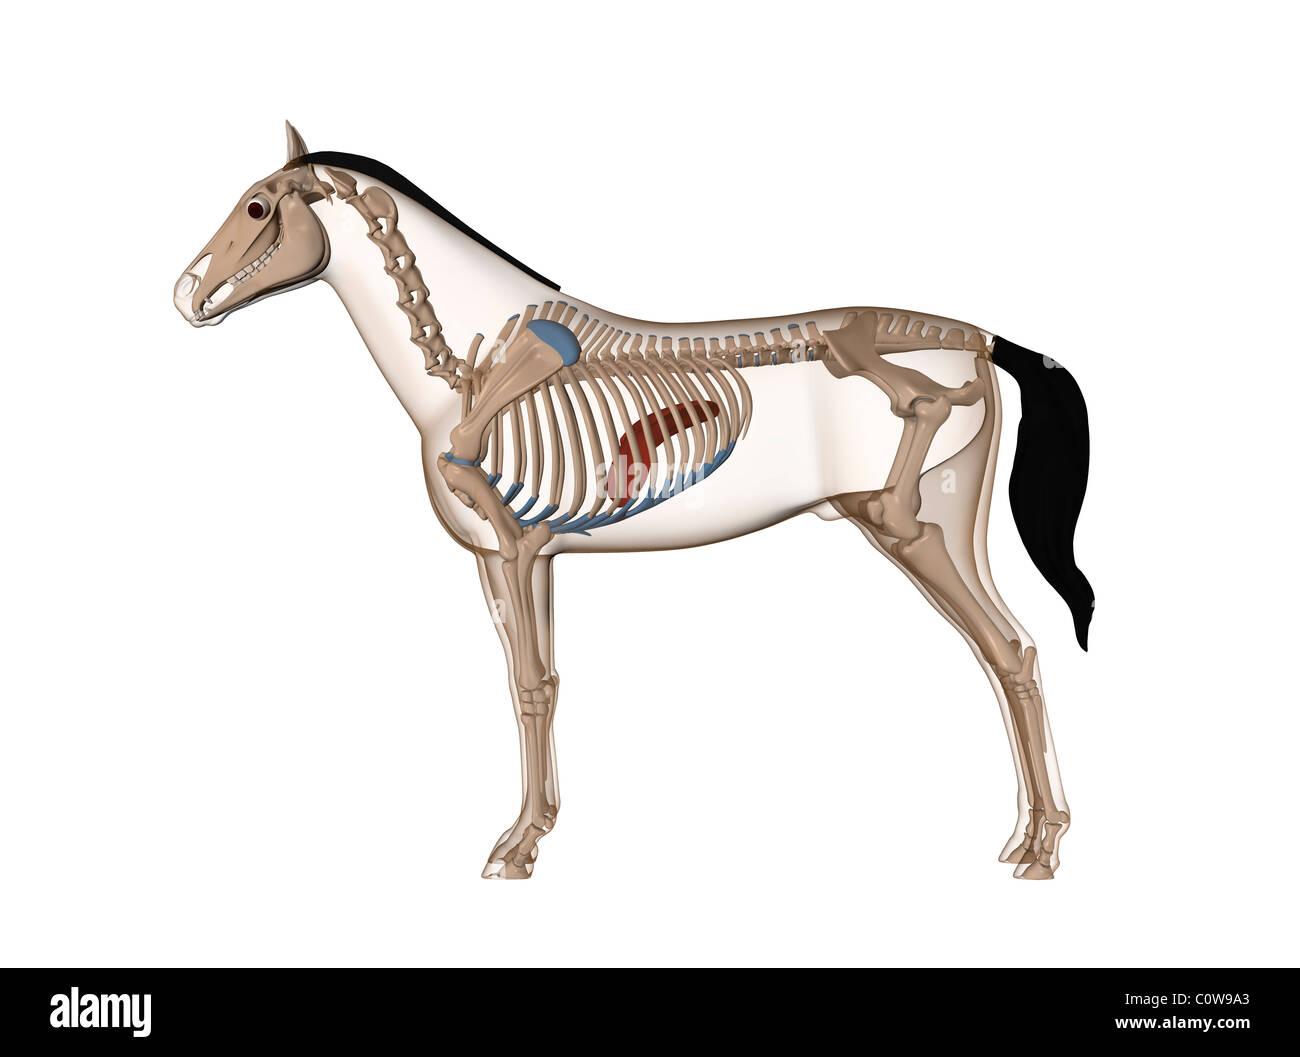 Hígado anatomía del caballo Foto & Imagen De Stock: 34976875 - Alamy